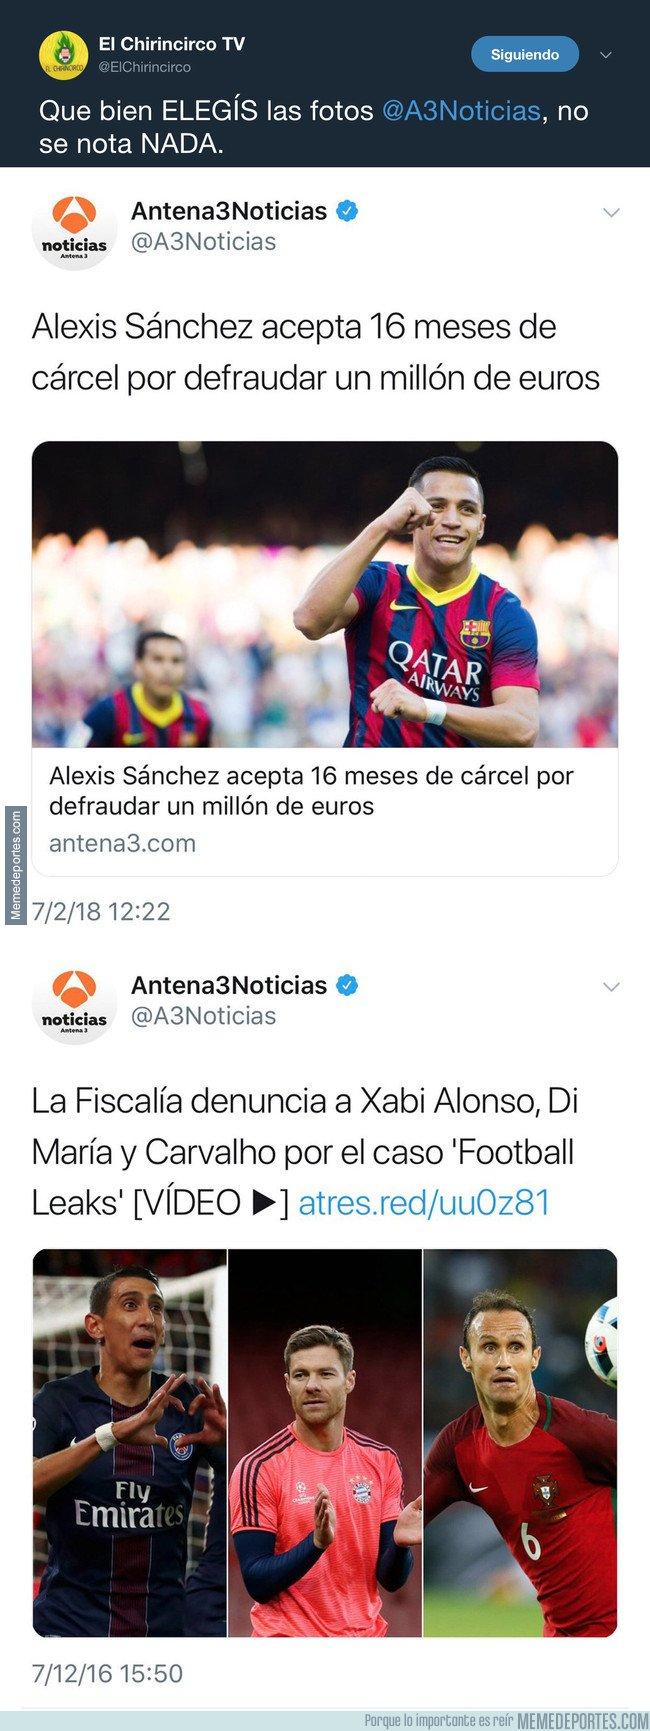 1020475 - Los de @ElChirincirco pillan a Antena 3 manipulando de forma lamentable con los escándalos fiscales del Real Madrid